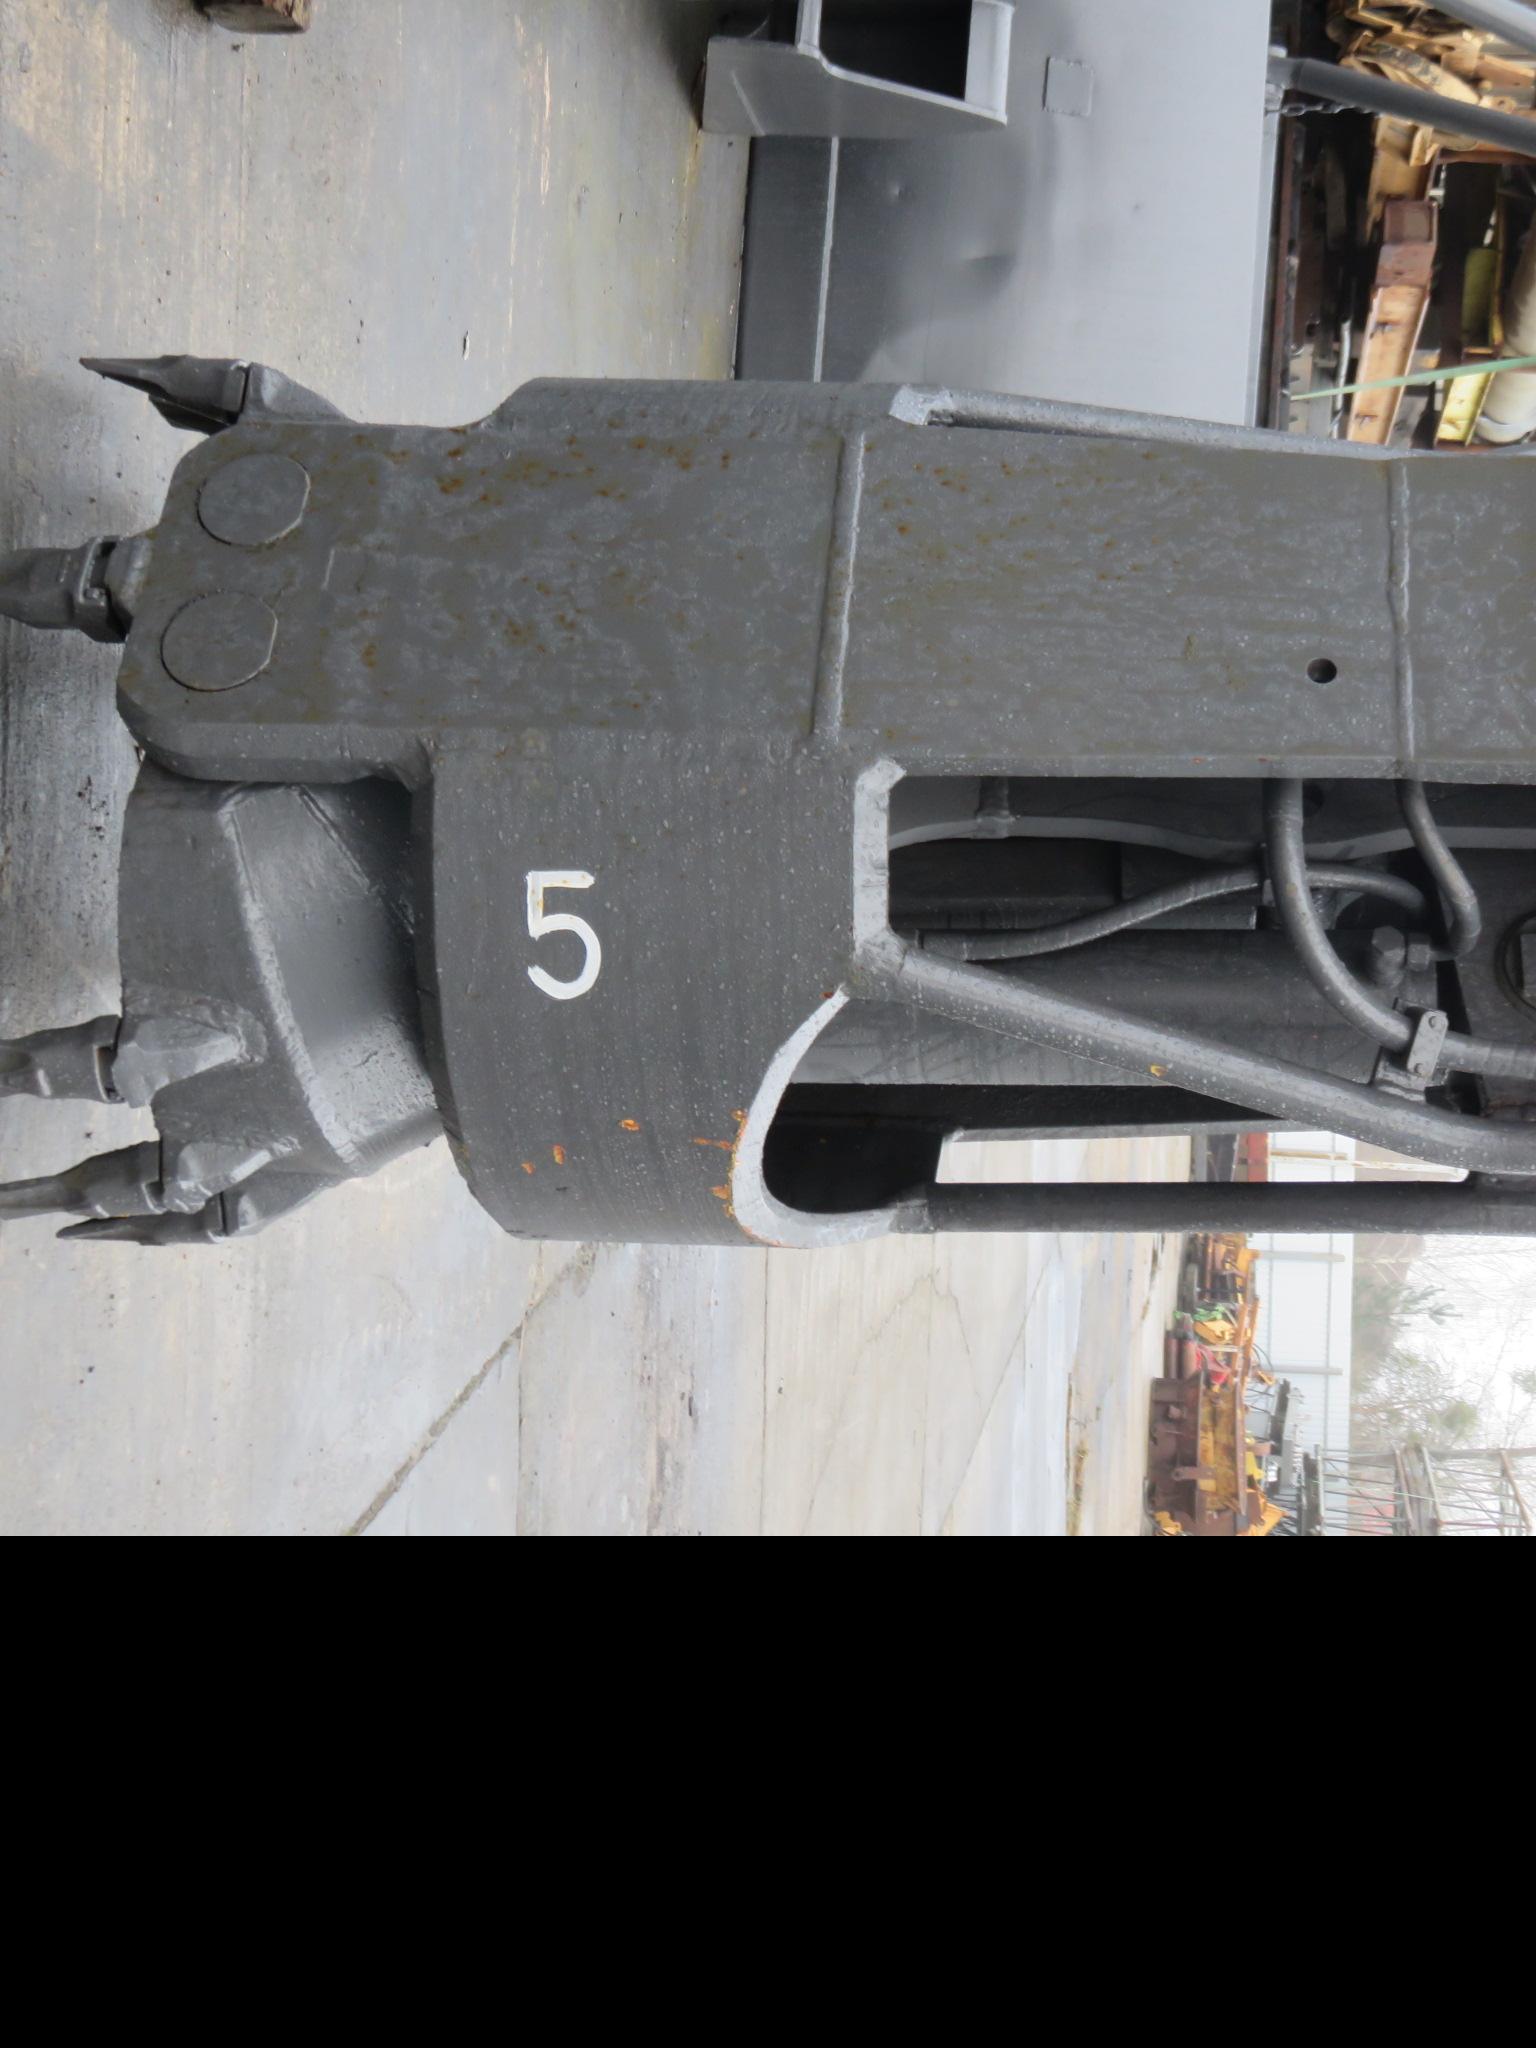 Drill gripper 5 vertical